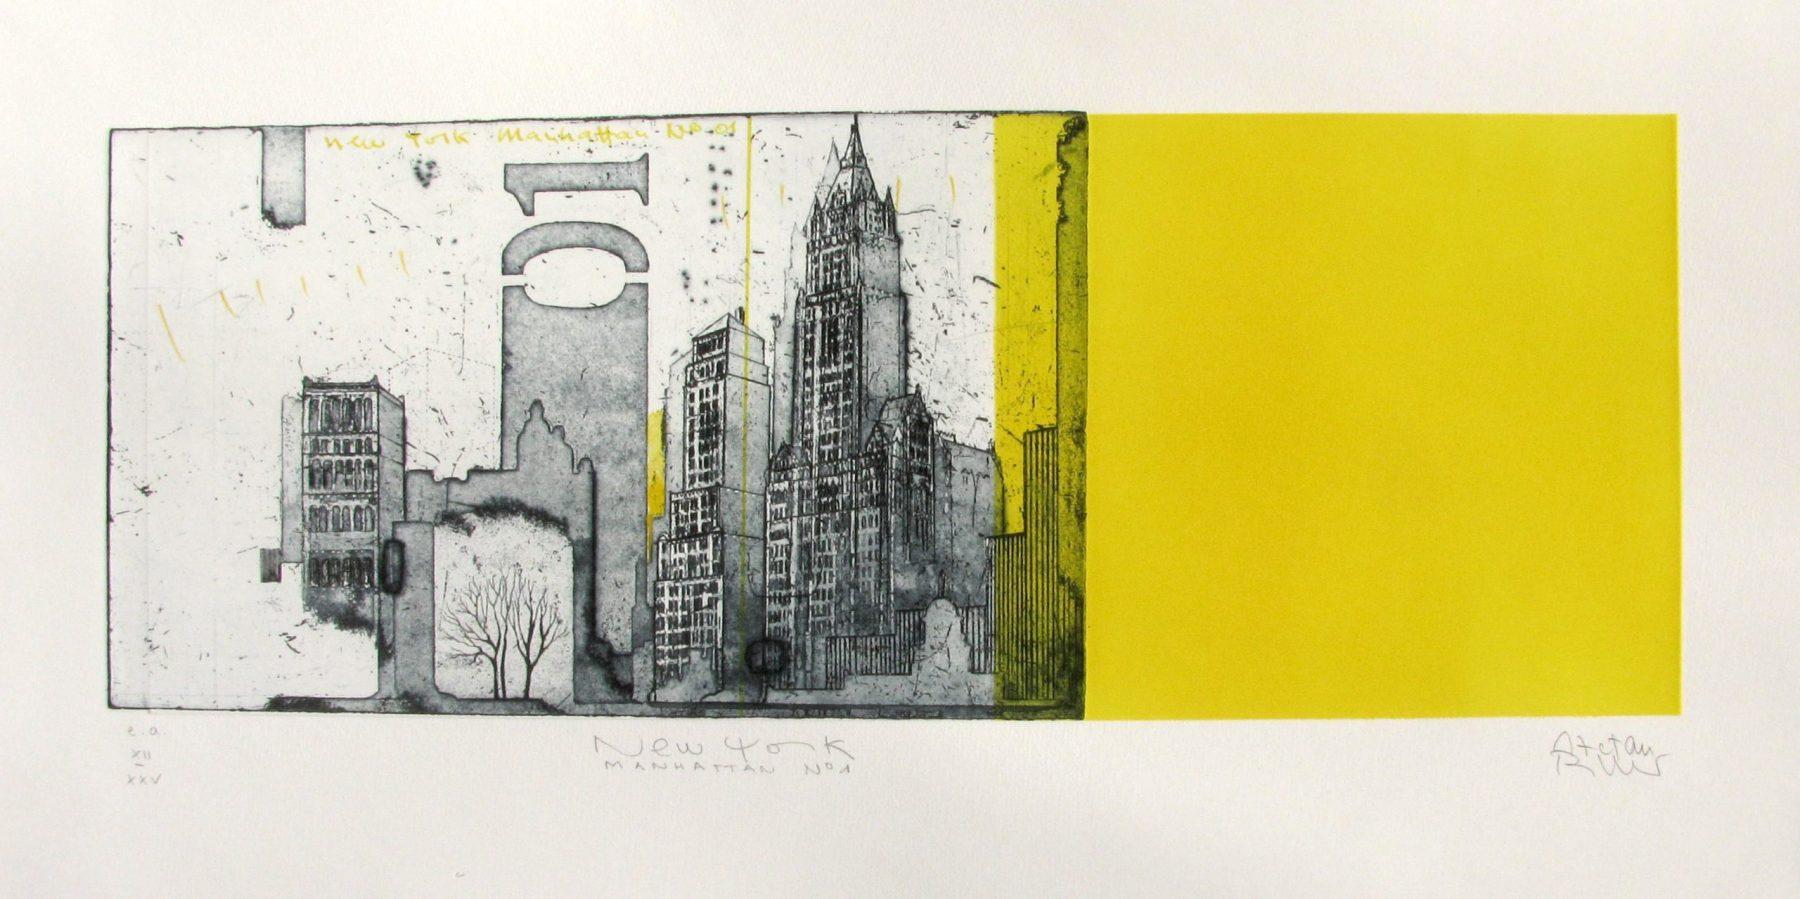 New York Manhattan Nr.1 - Becker, Stefan - k-Stb361